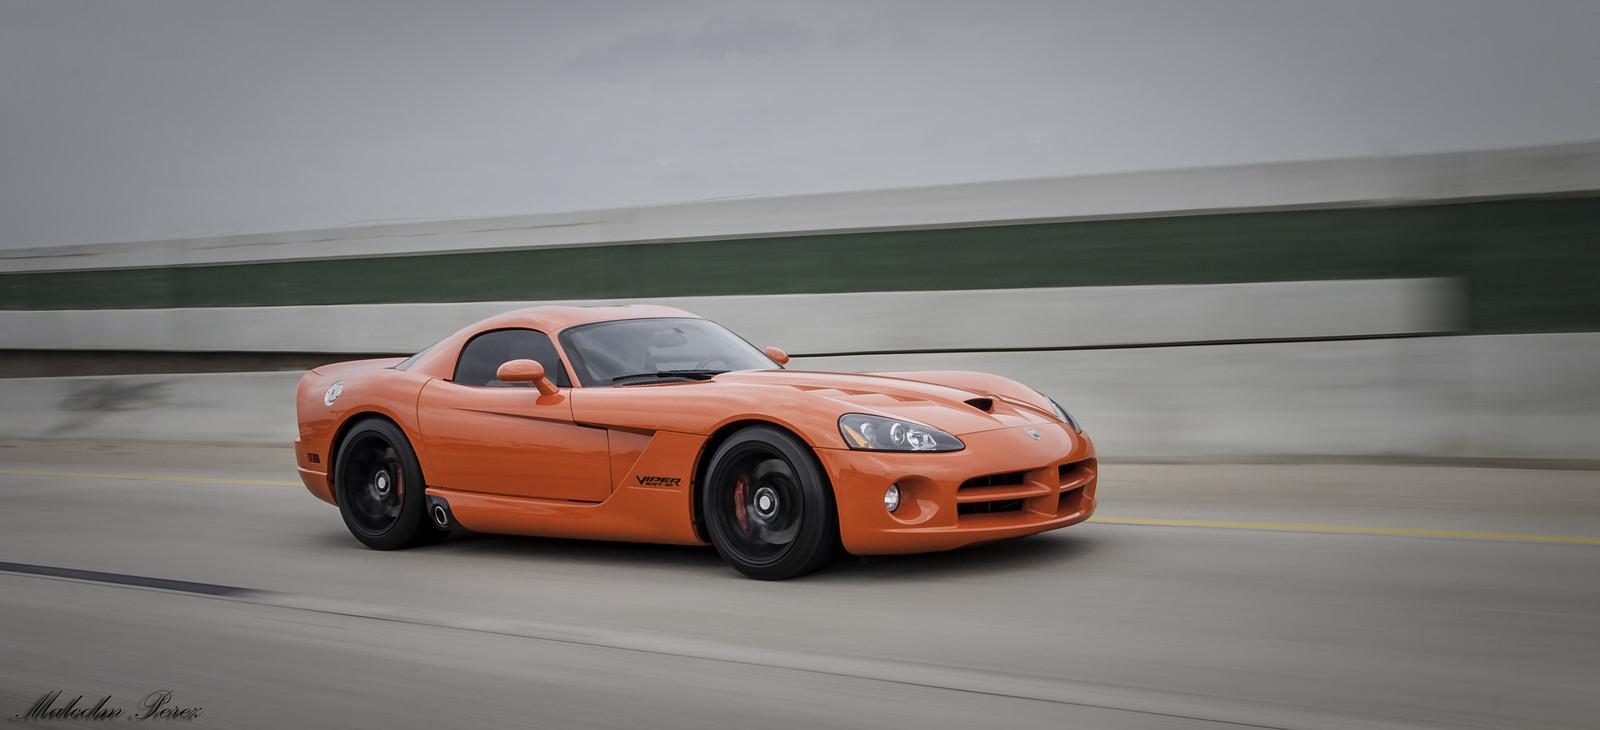 Very viper orange 2008 dodge viper srt 10